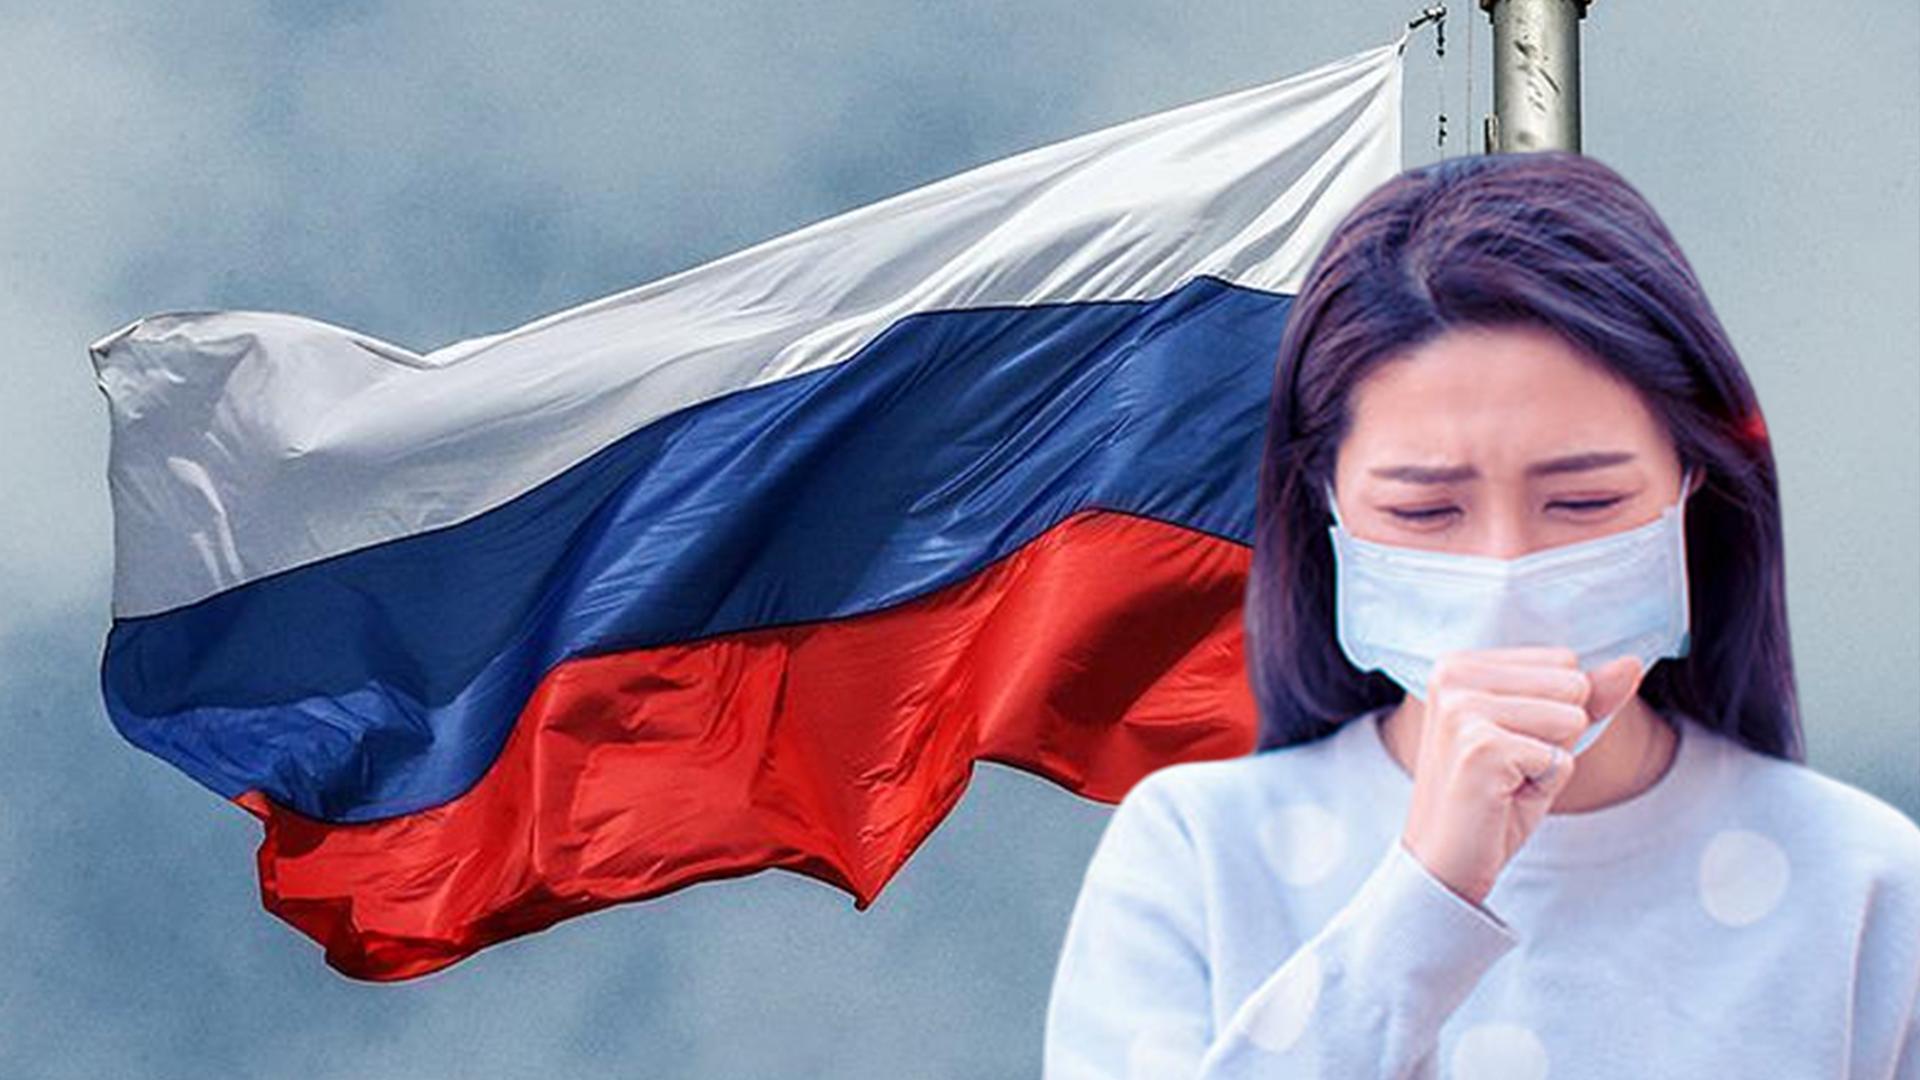 Rusya'dan Koronavirüs kararı: Çin vatandaşlarının ülkeye girişi yasaklanıyor